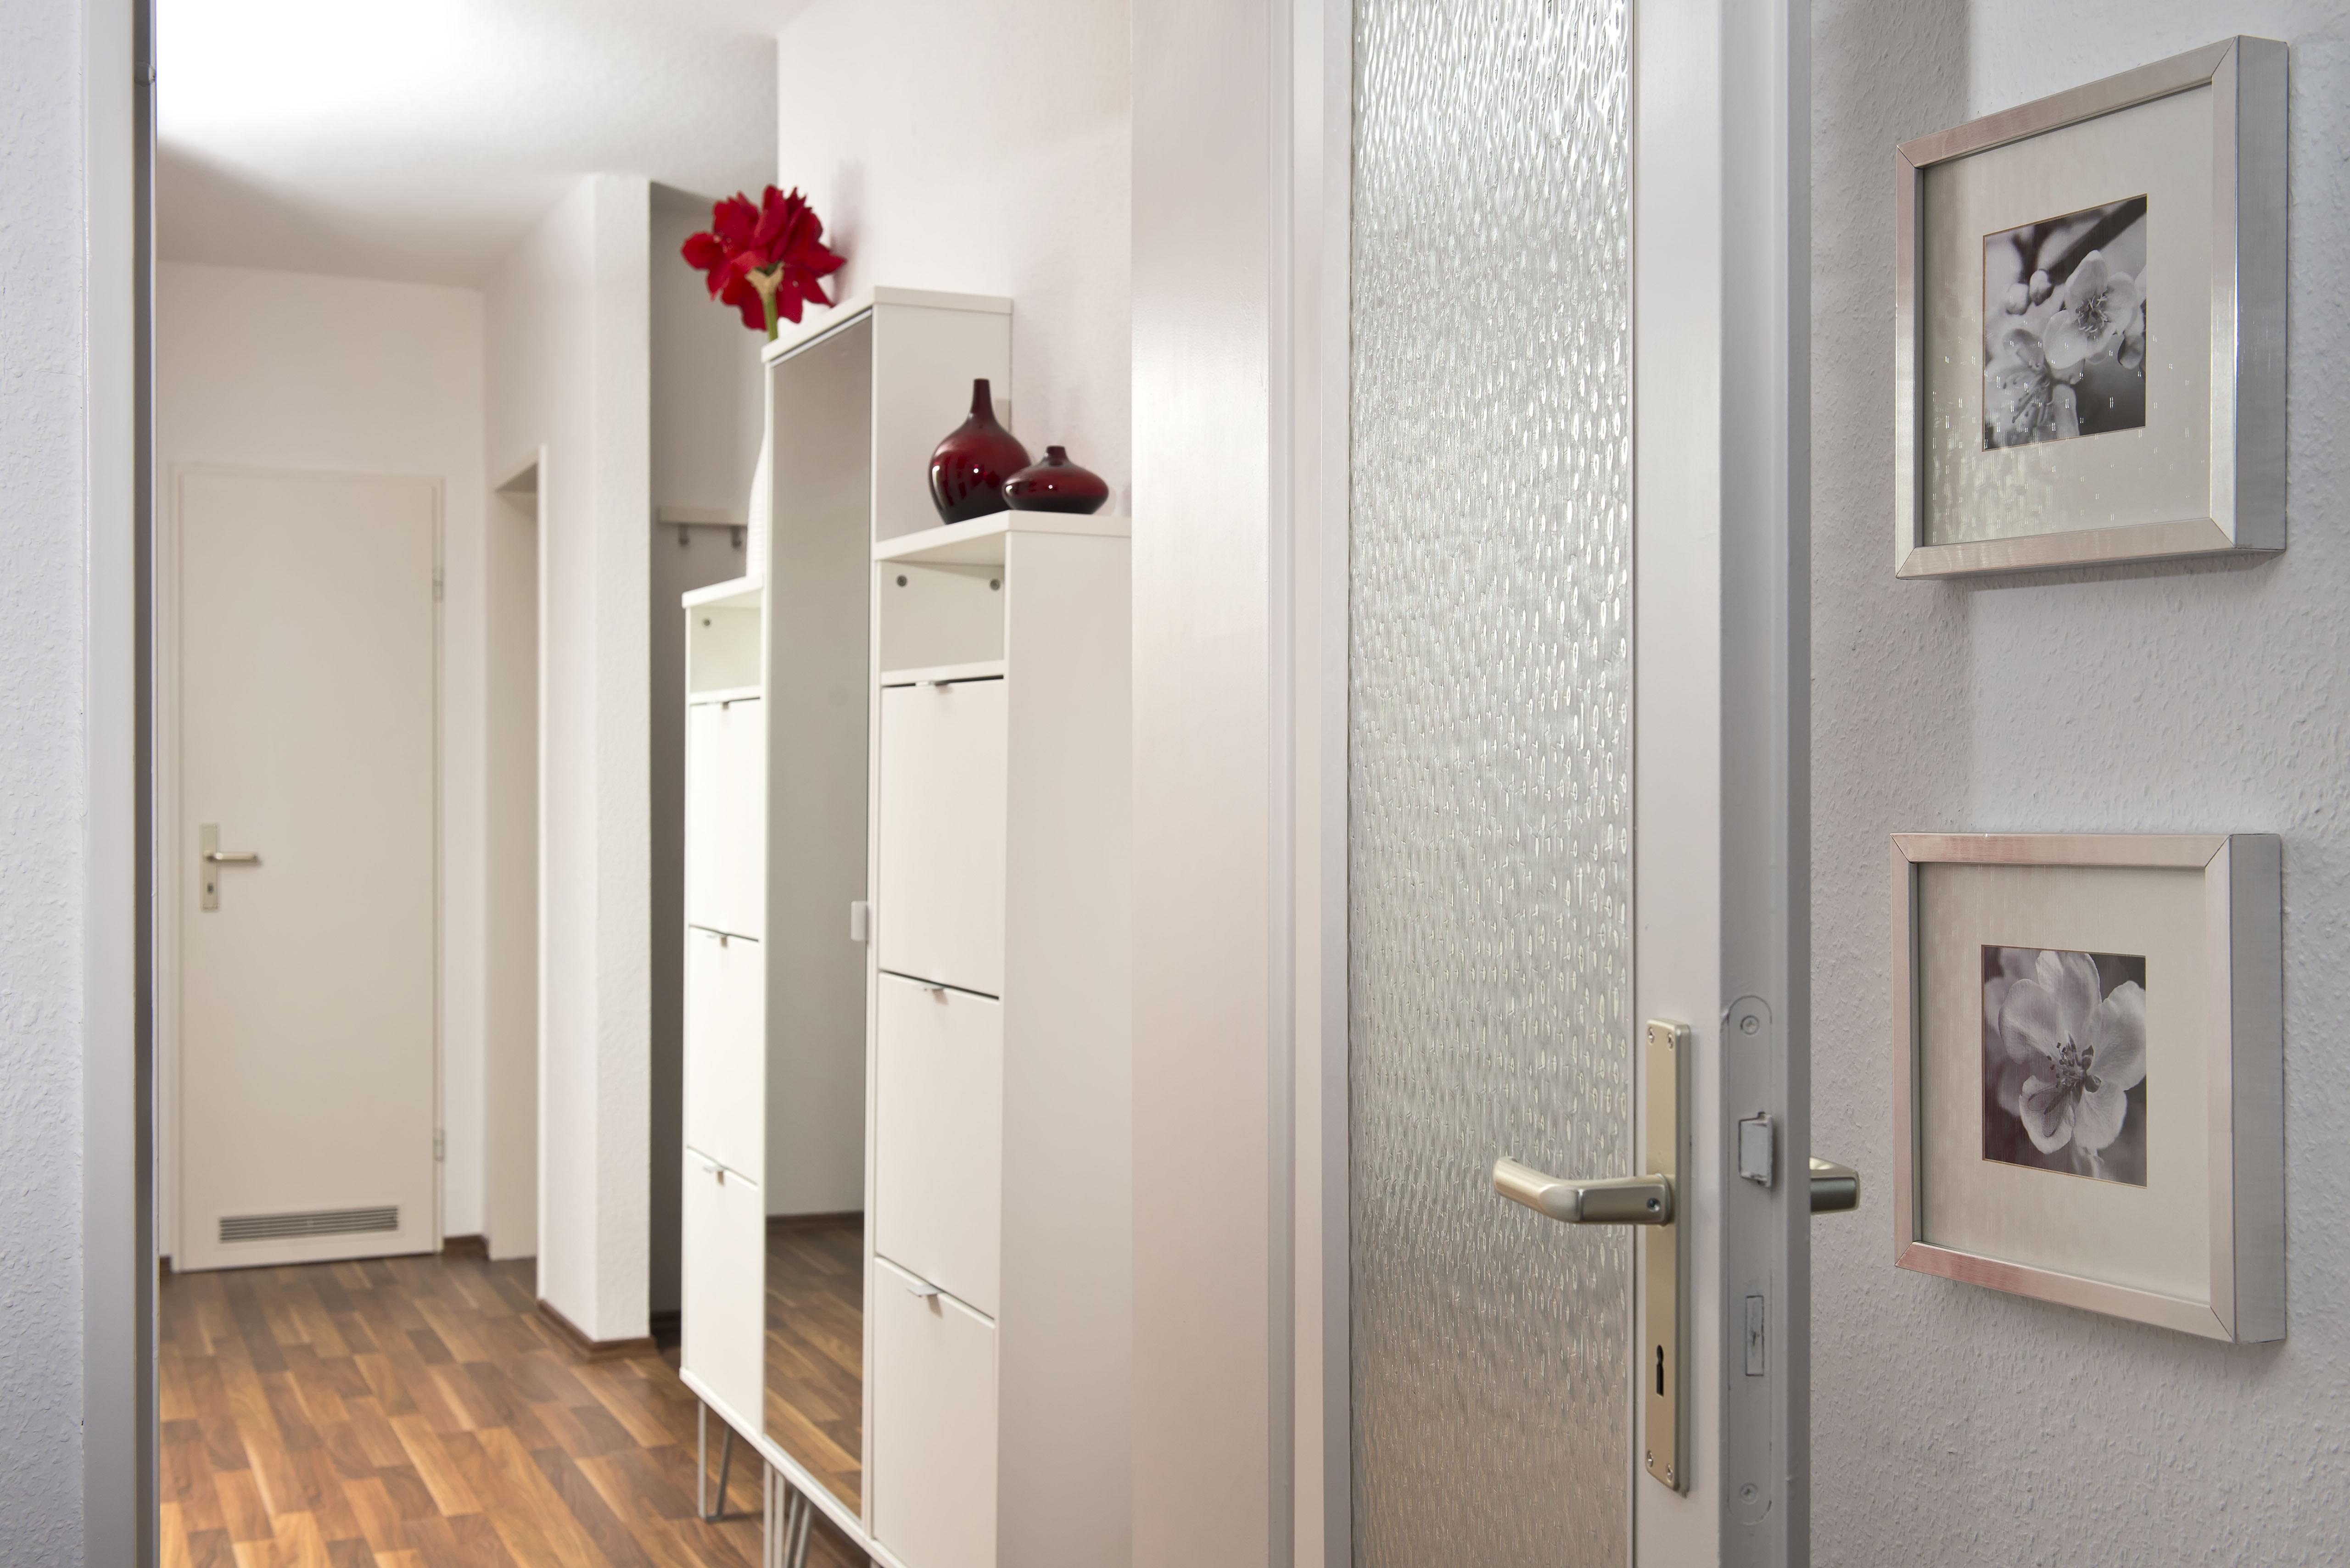 freie wohnungen in halle wohnungssuche bei grand city property. Black Bedroom Furniture Sets. Home Design Ideas